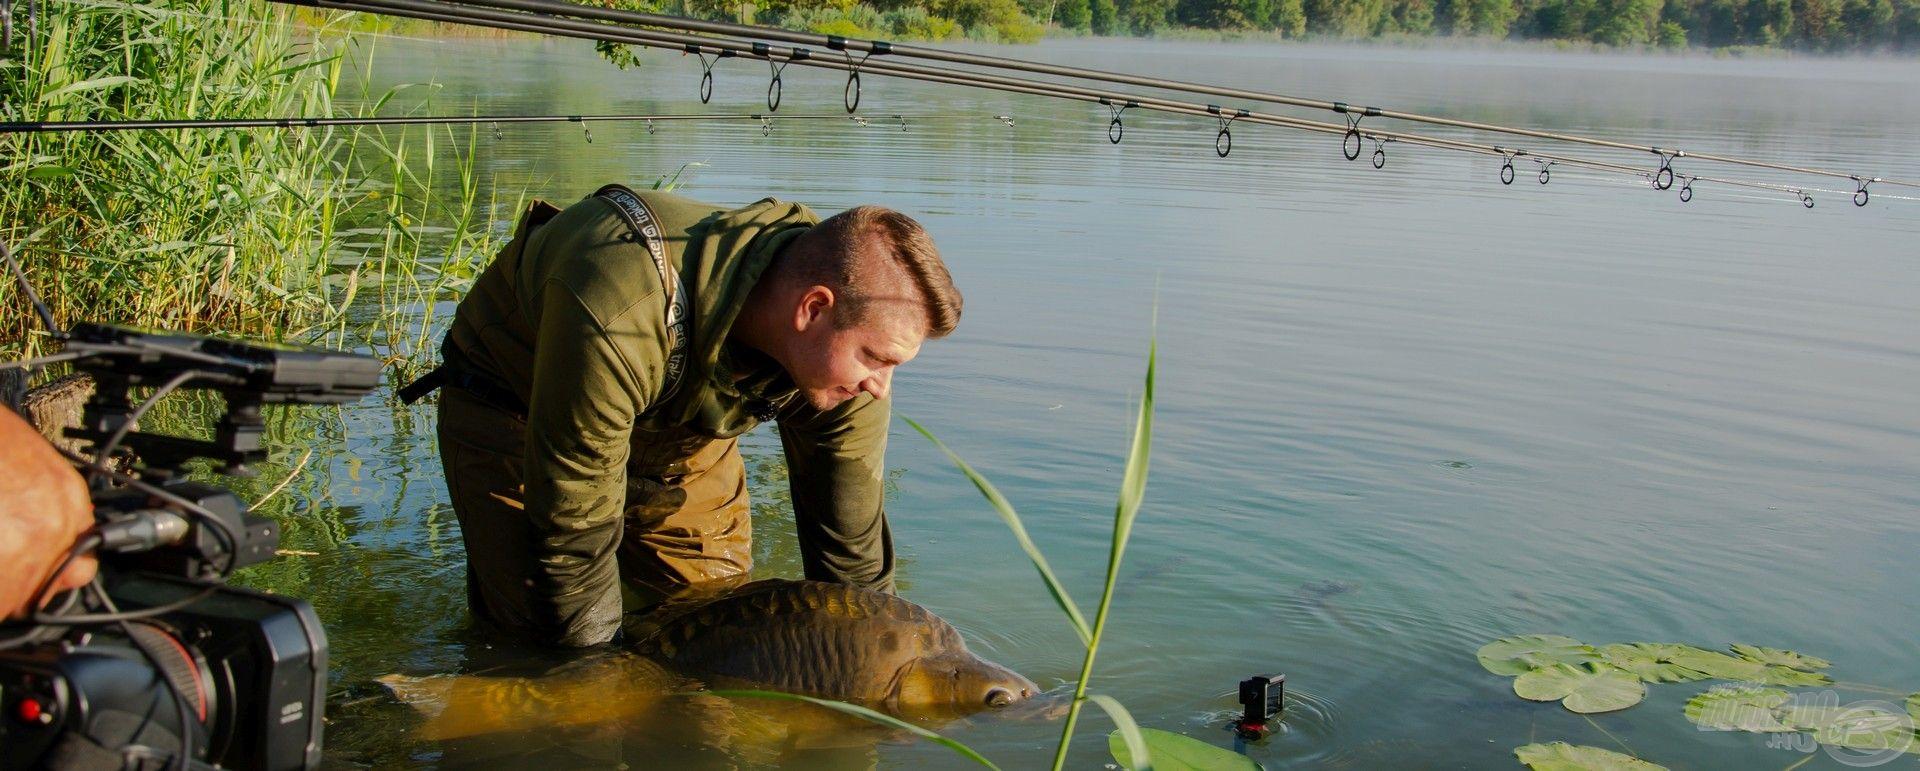 A hal megfogásáról videó is készült, mely a legújabb Nagy pontyok nyomában filmben lesz részletesen bemutatva